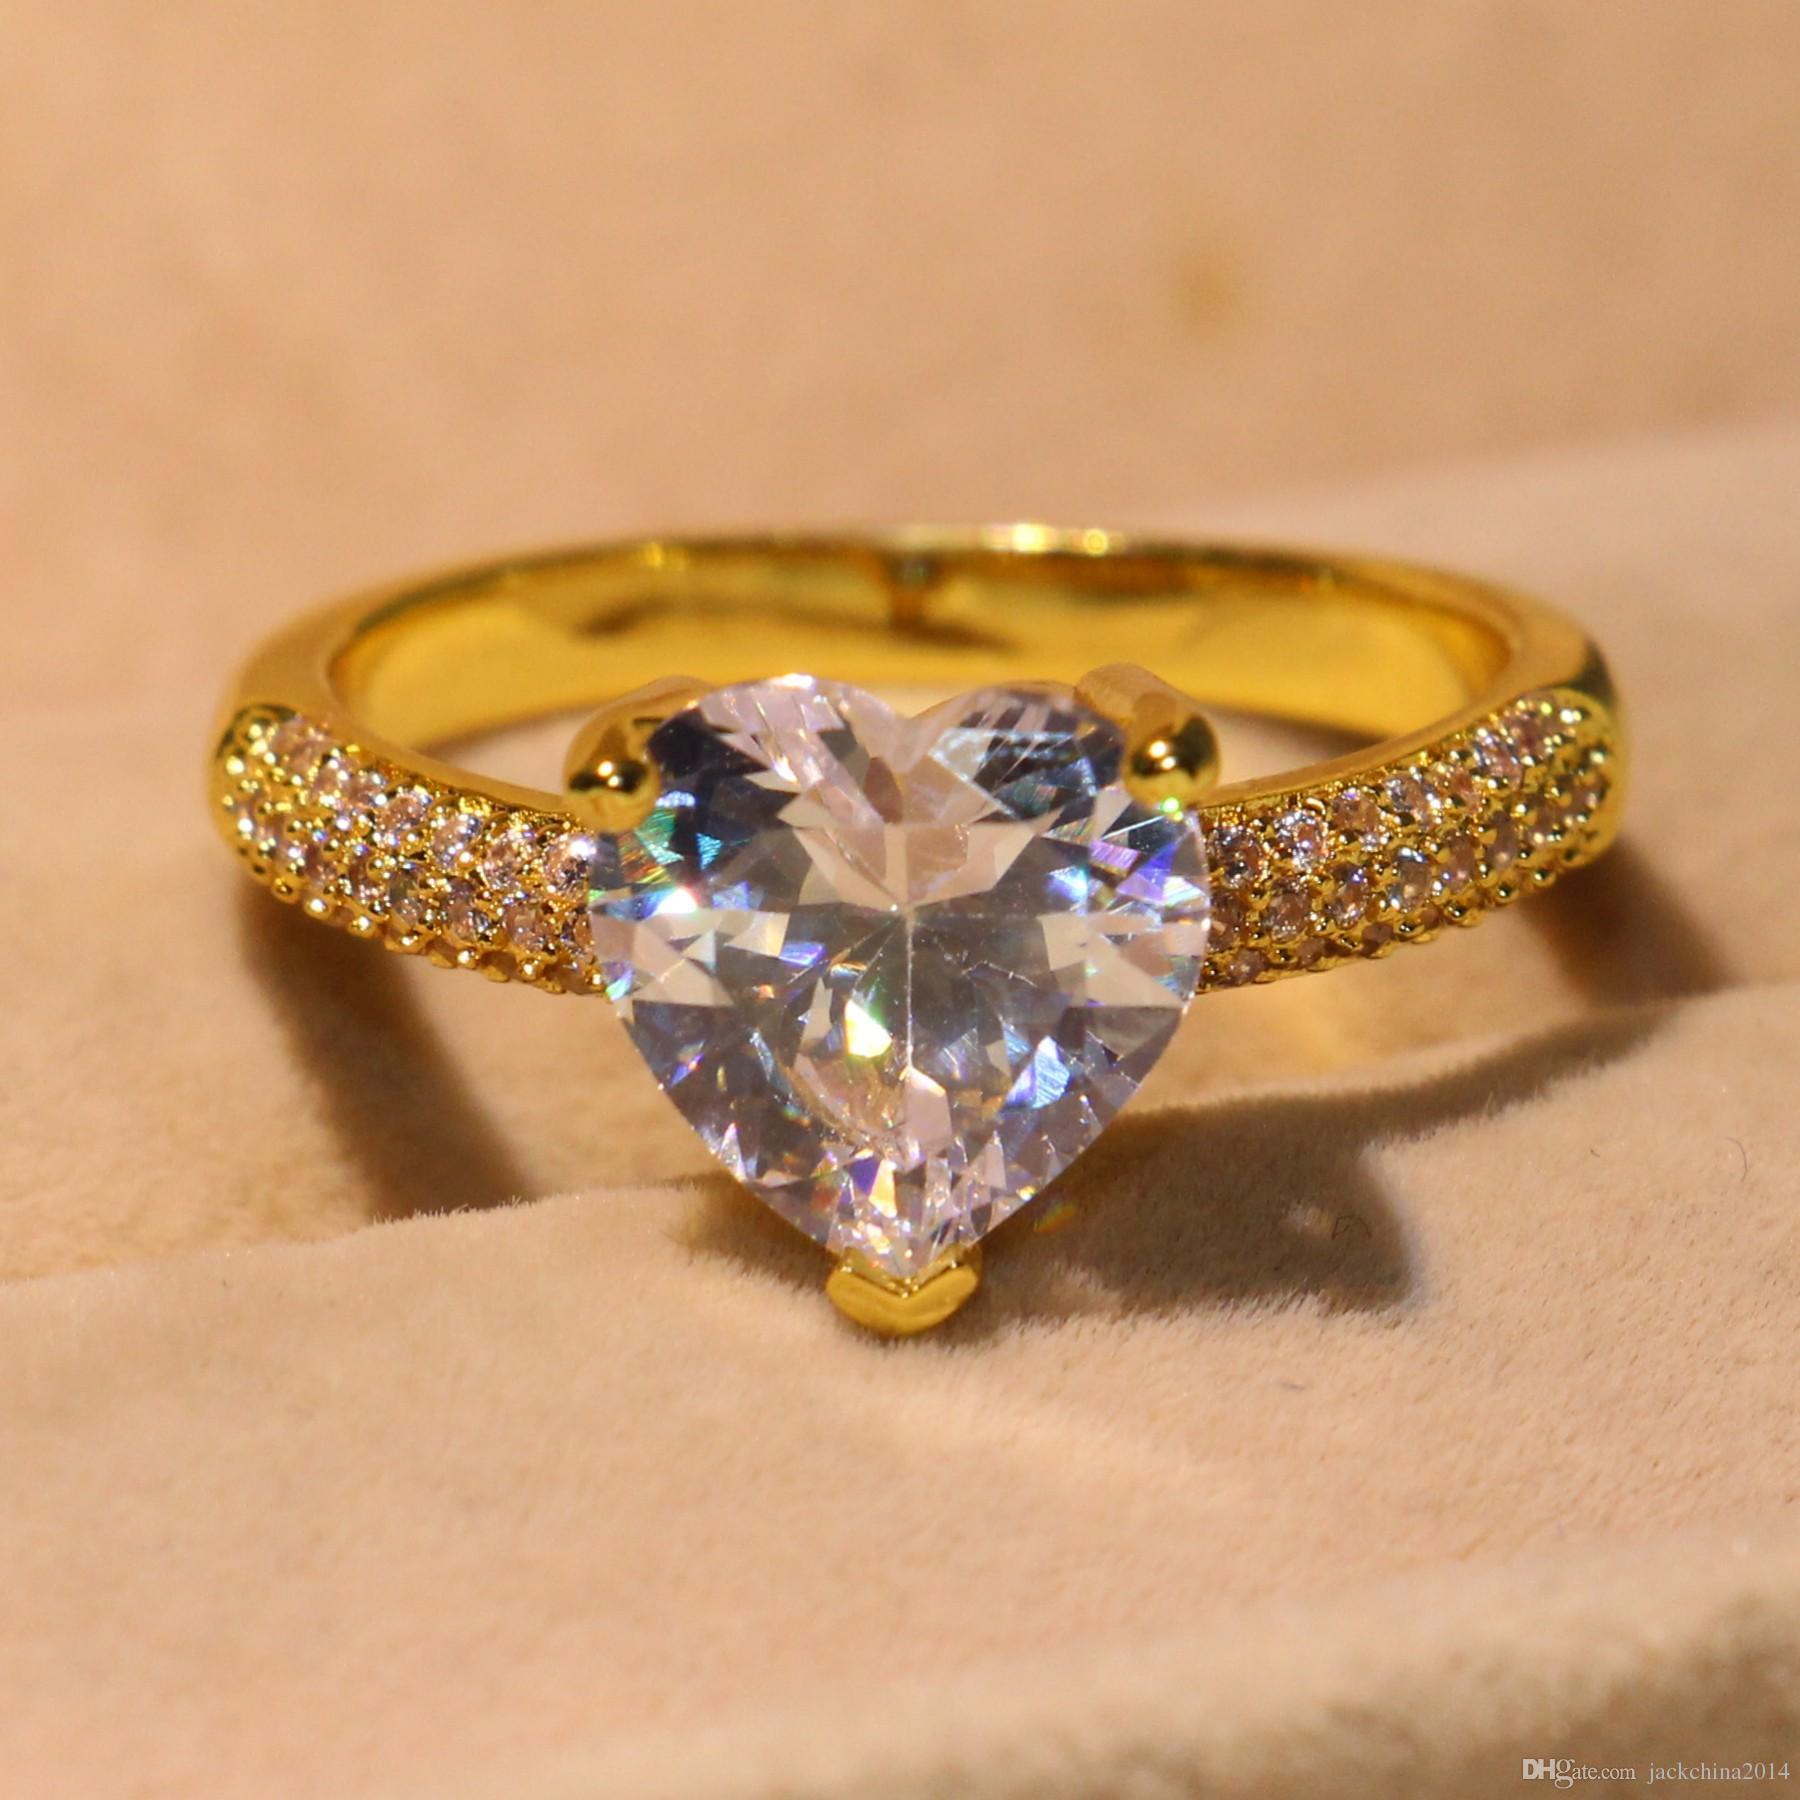 2018 nuovo arrivo promessa anello le donne scintillanti gioielli in argento sterling 925 oro giallo riempito bianco topazio cz cuore femminile banda regalo anello